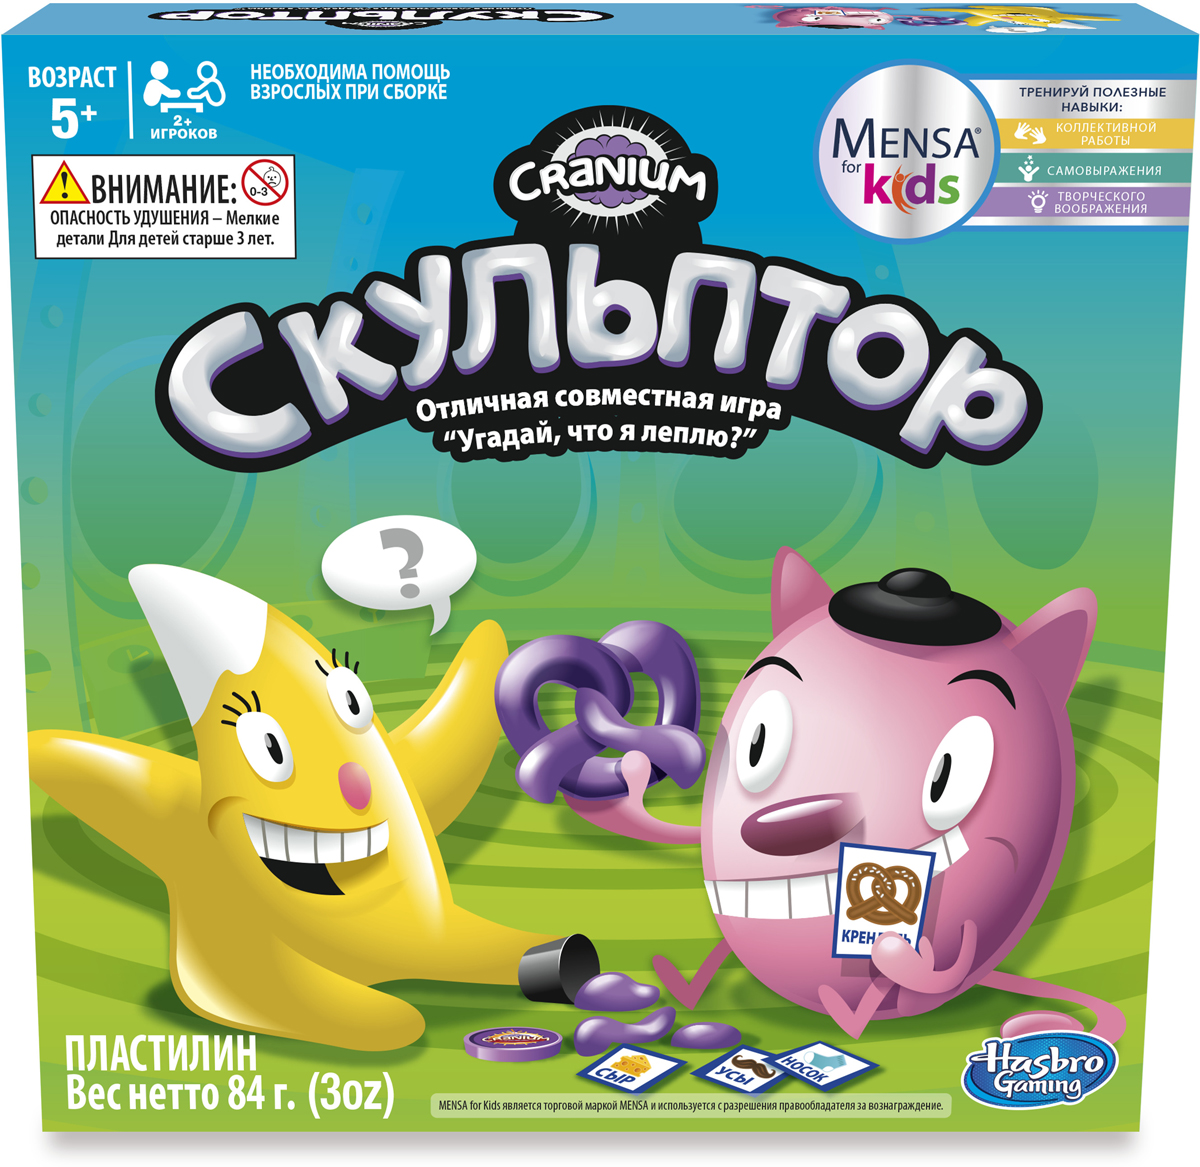 Hasbro Games Игра настольная развивающая Скульптор hasbro игра cluedo классическая детективная other games a5826 hasbro